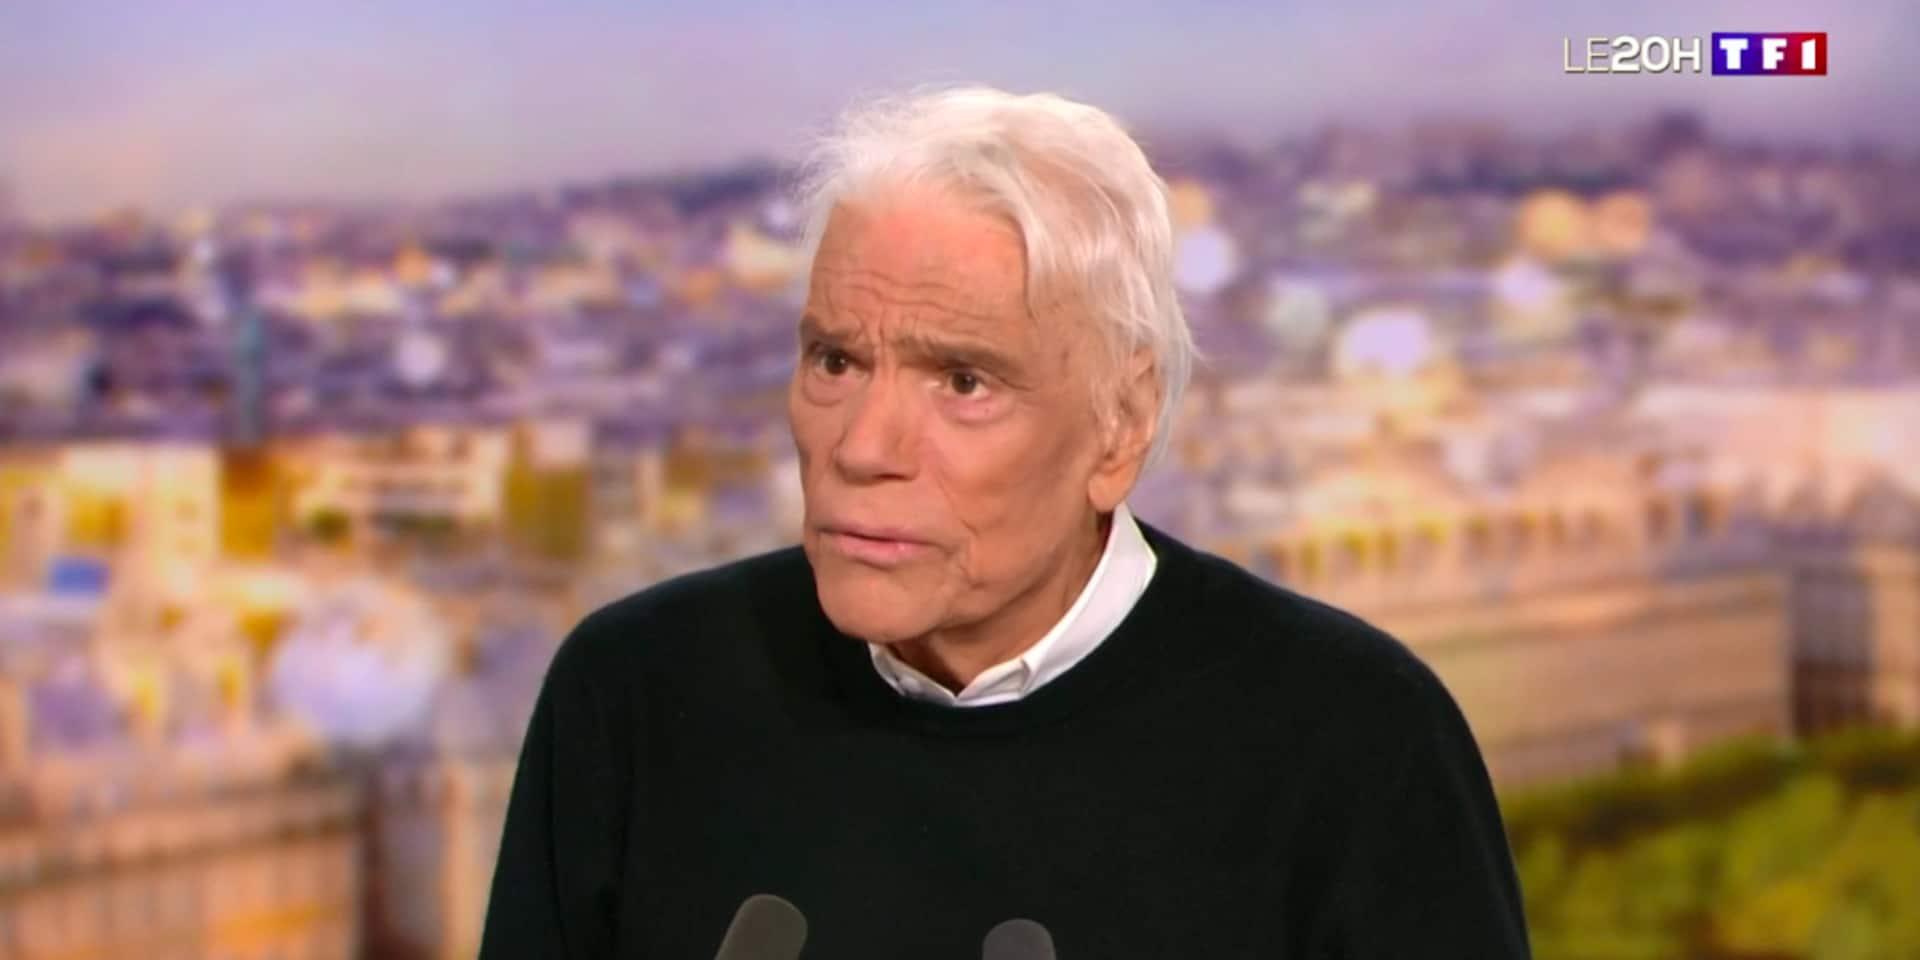 """""""On sentait qu'on était des gens à abattre"""": invité sur TF1, Bernard Tapie revient sur le violent cambriolage dont il a été victime"""